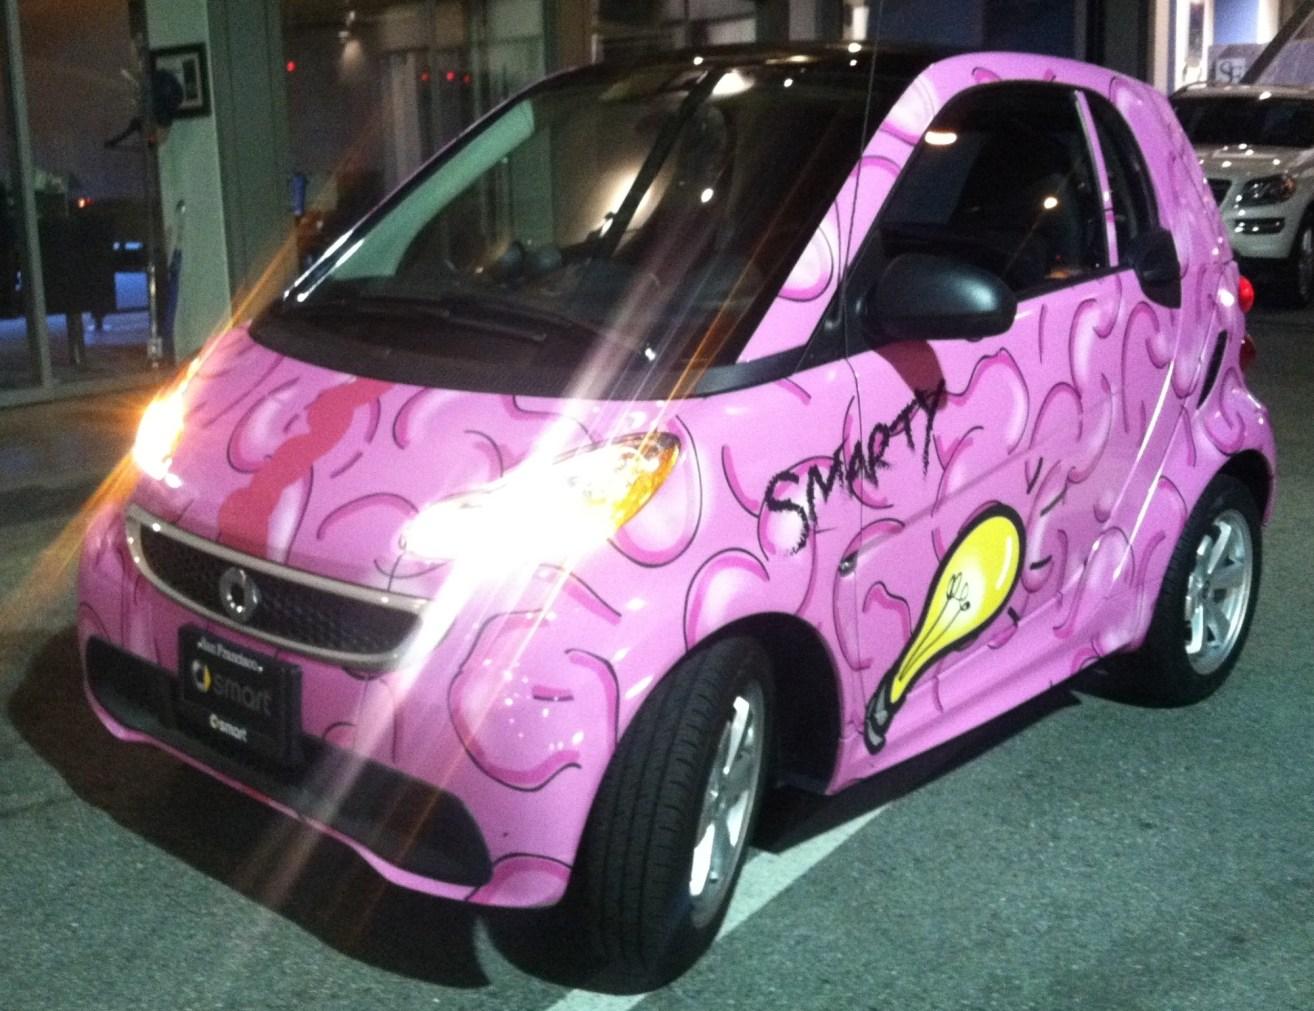 smarty smartcar wrap-06